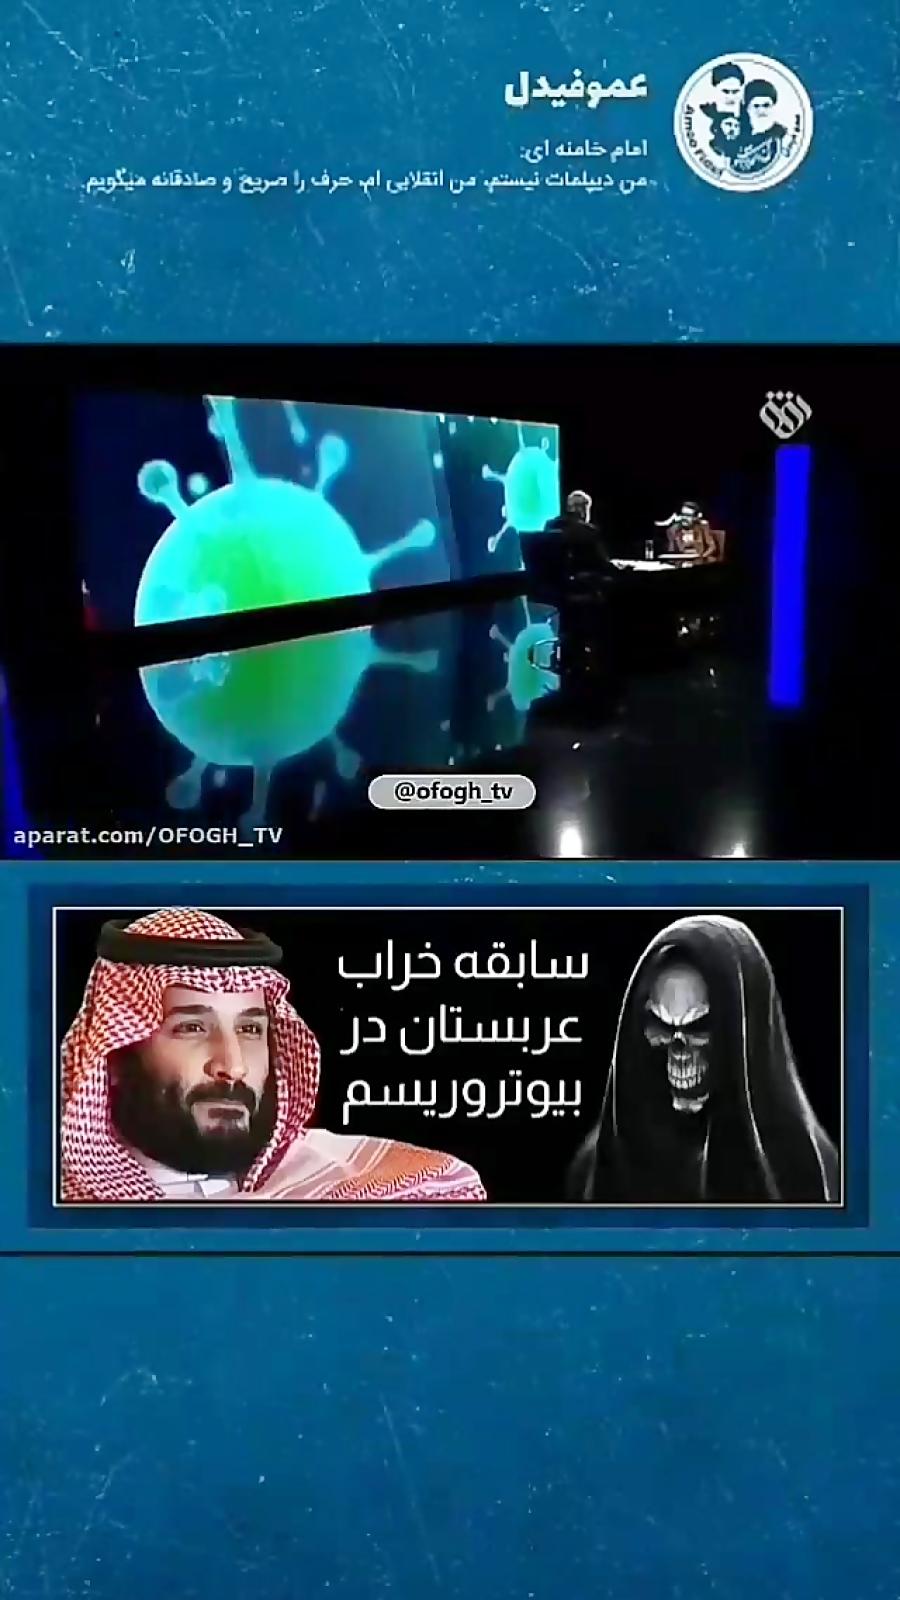 سابقه خراب عربستان در بیوتروریسم